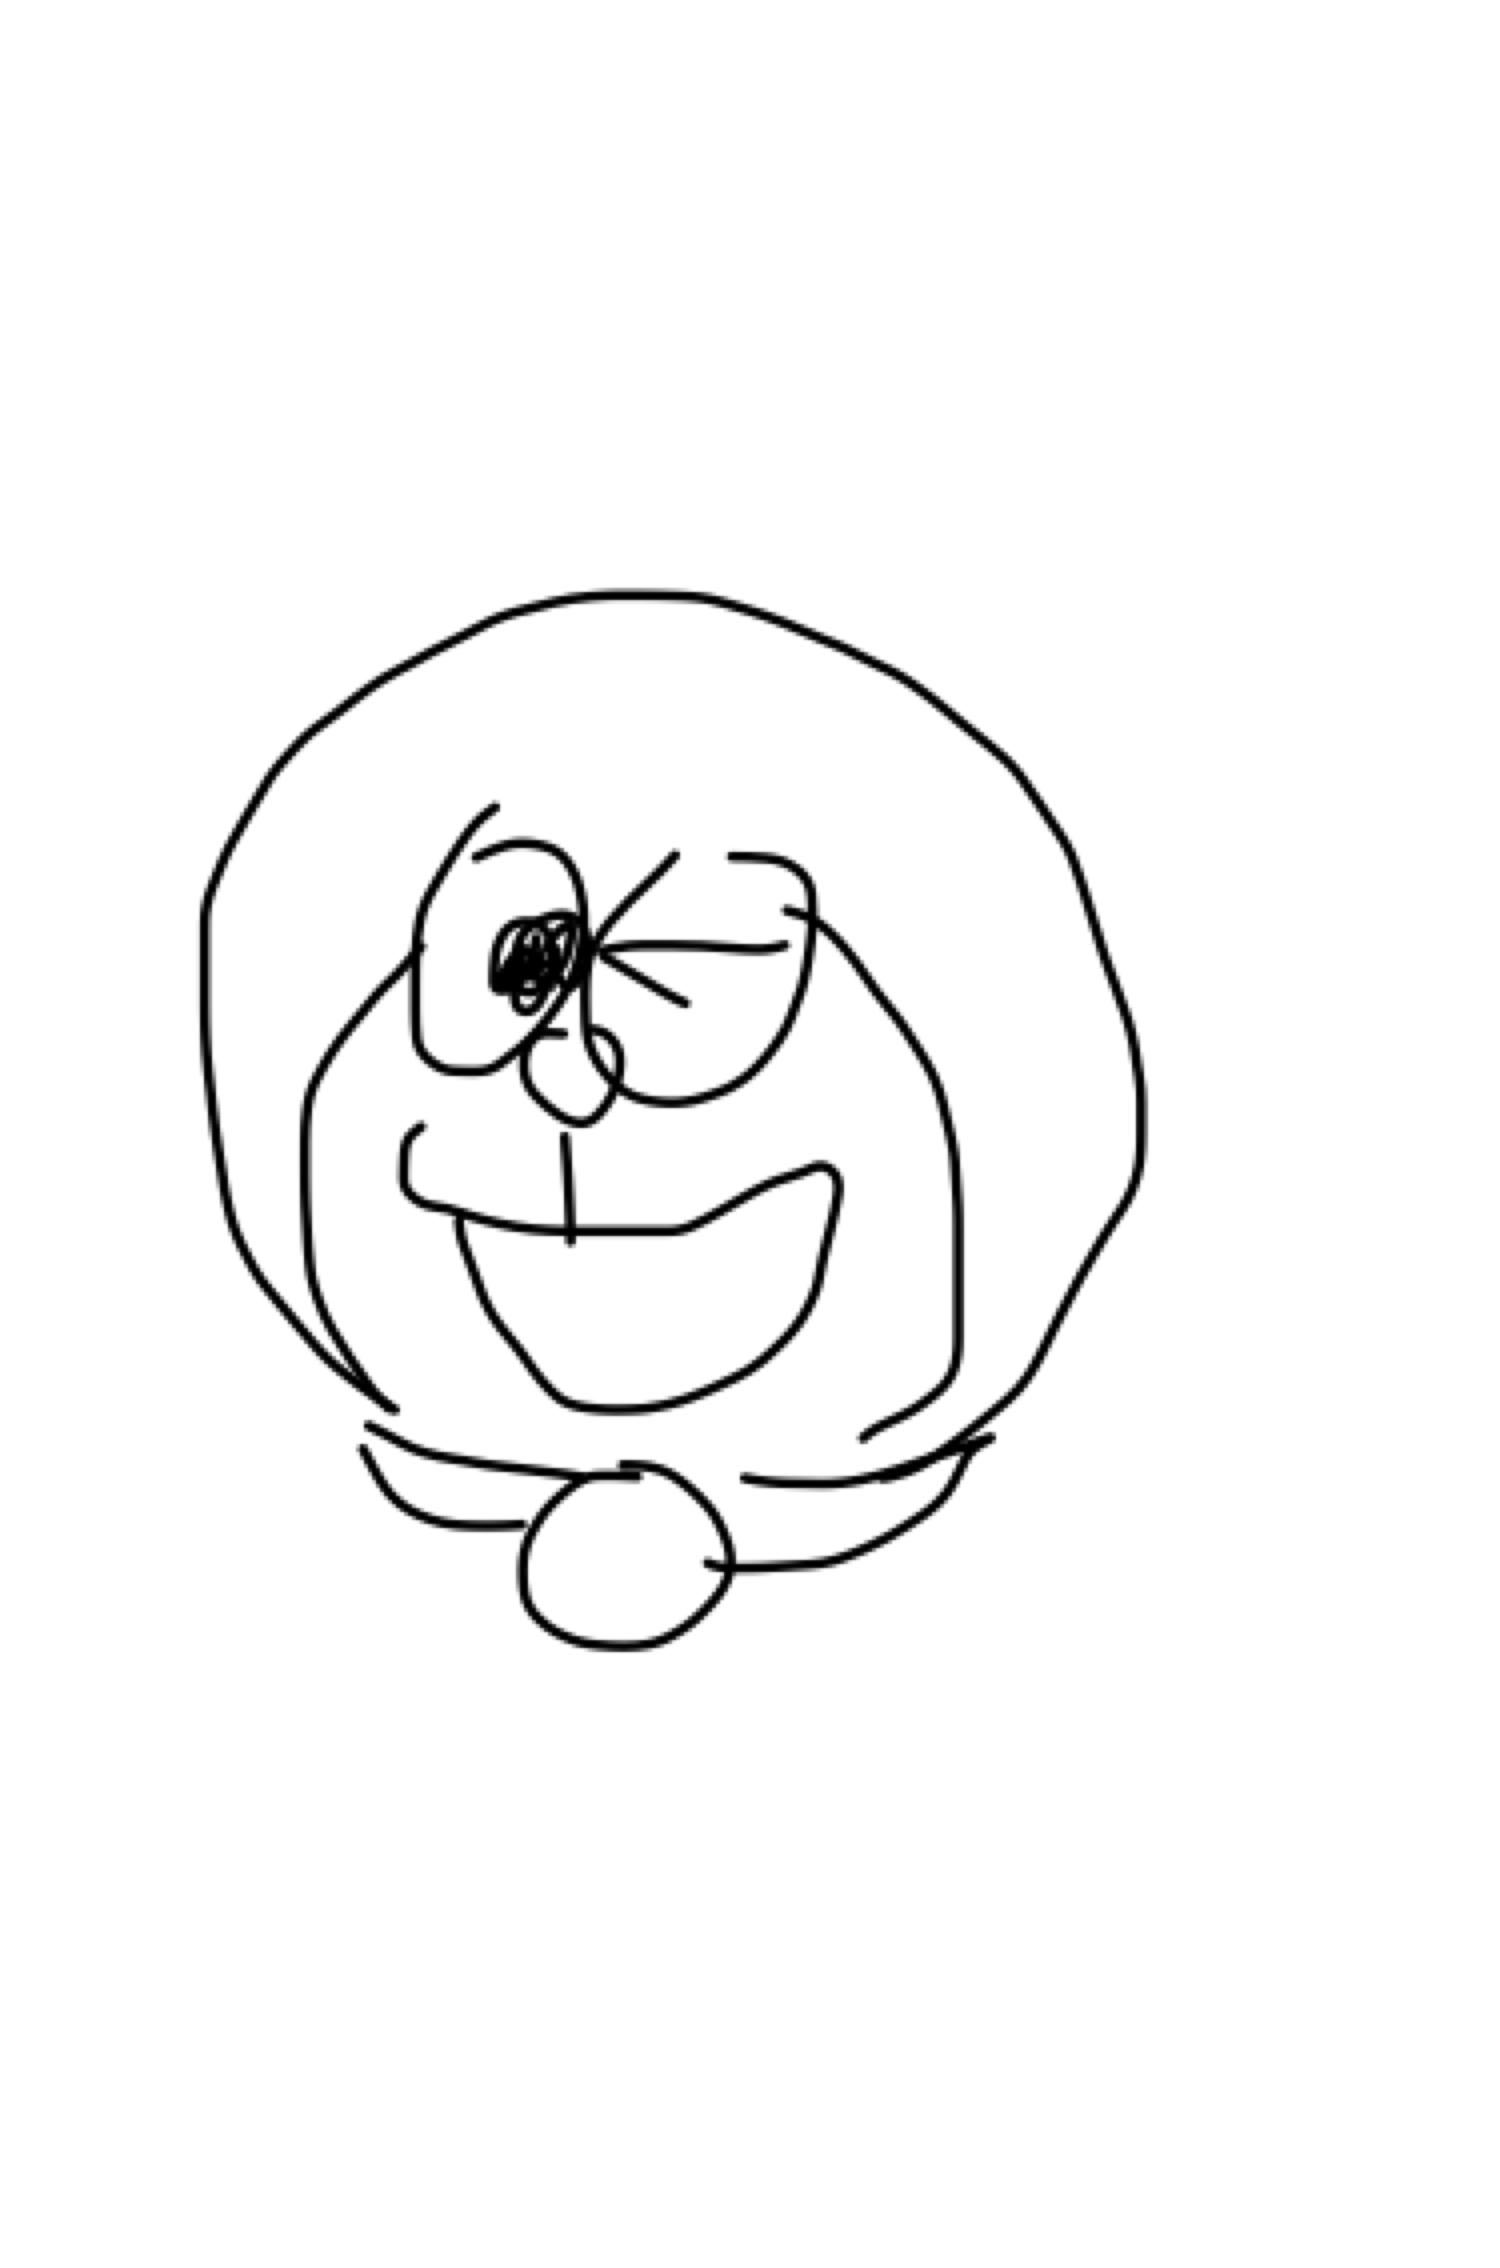 お手本を見ないでドラえもんを描くトピ